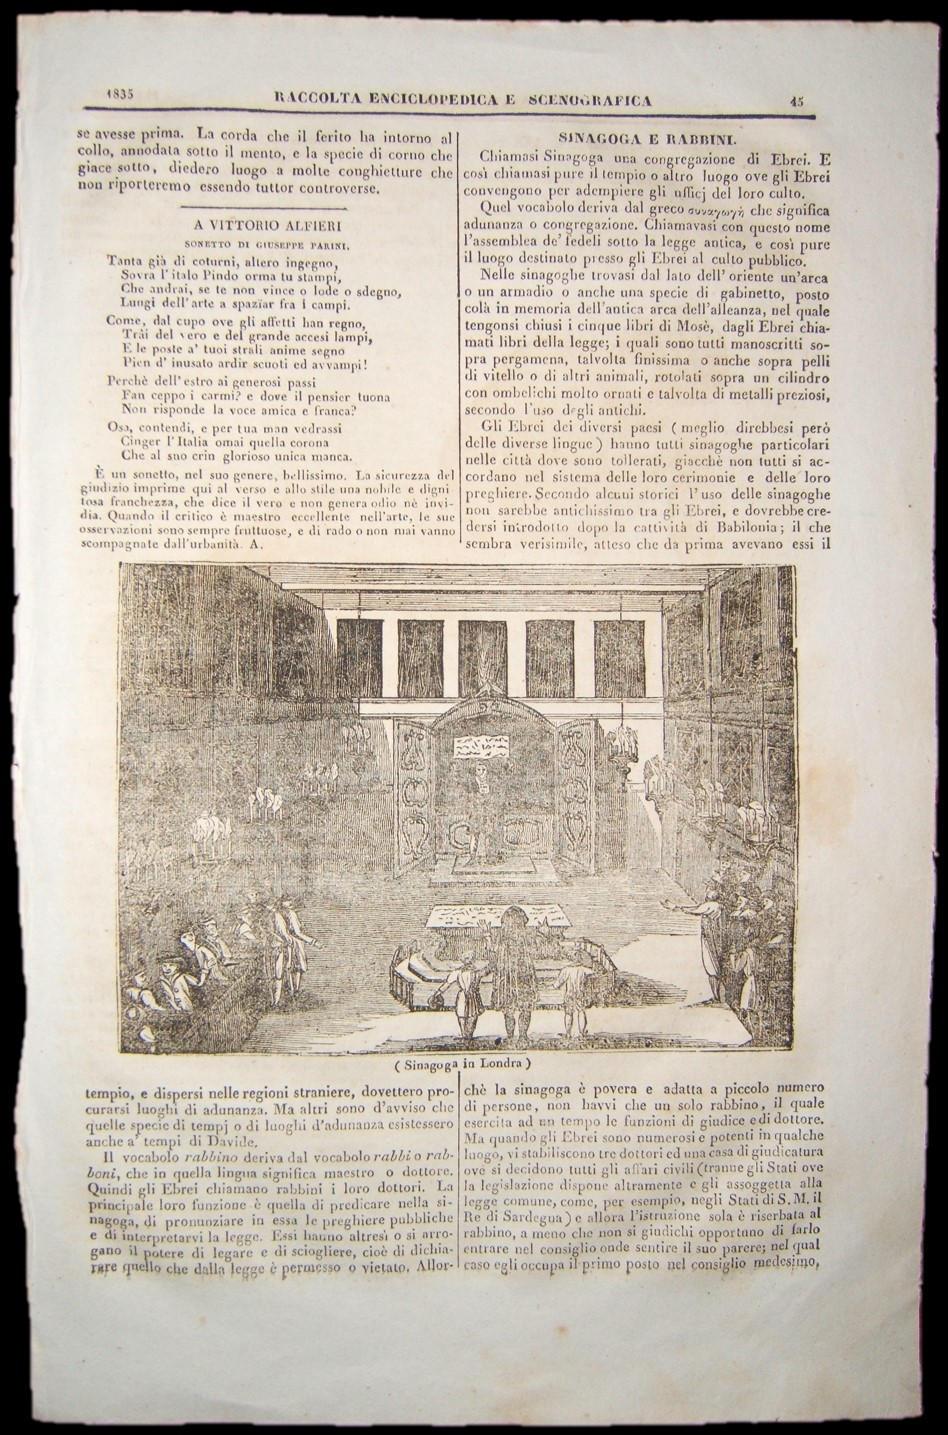 הדפס יודאיקה איטלקית של בית הכנסת בלונדון, 1835; מעת לעת